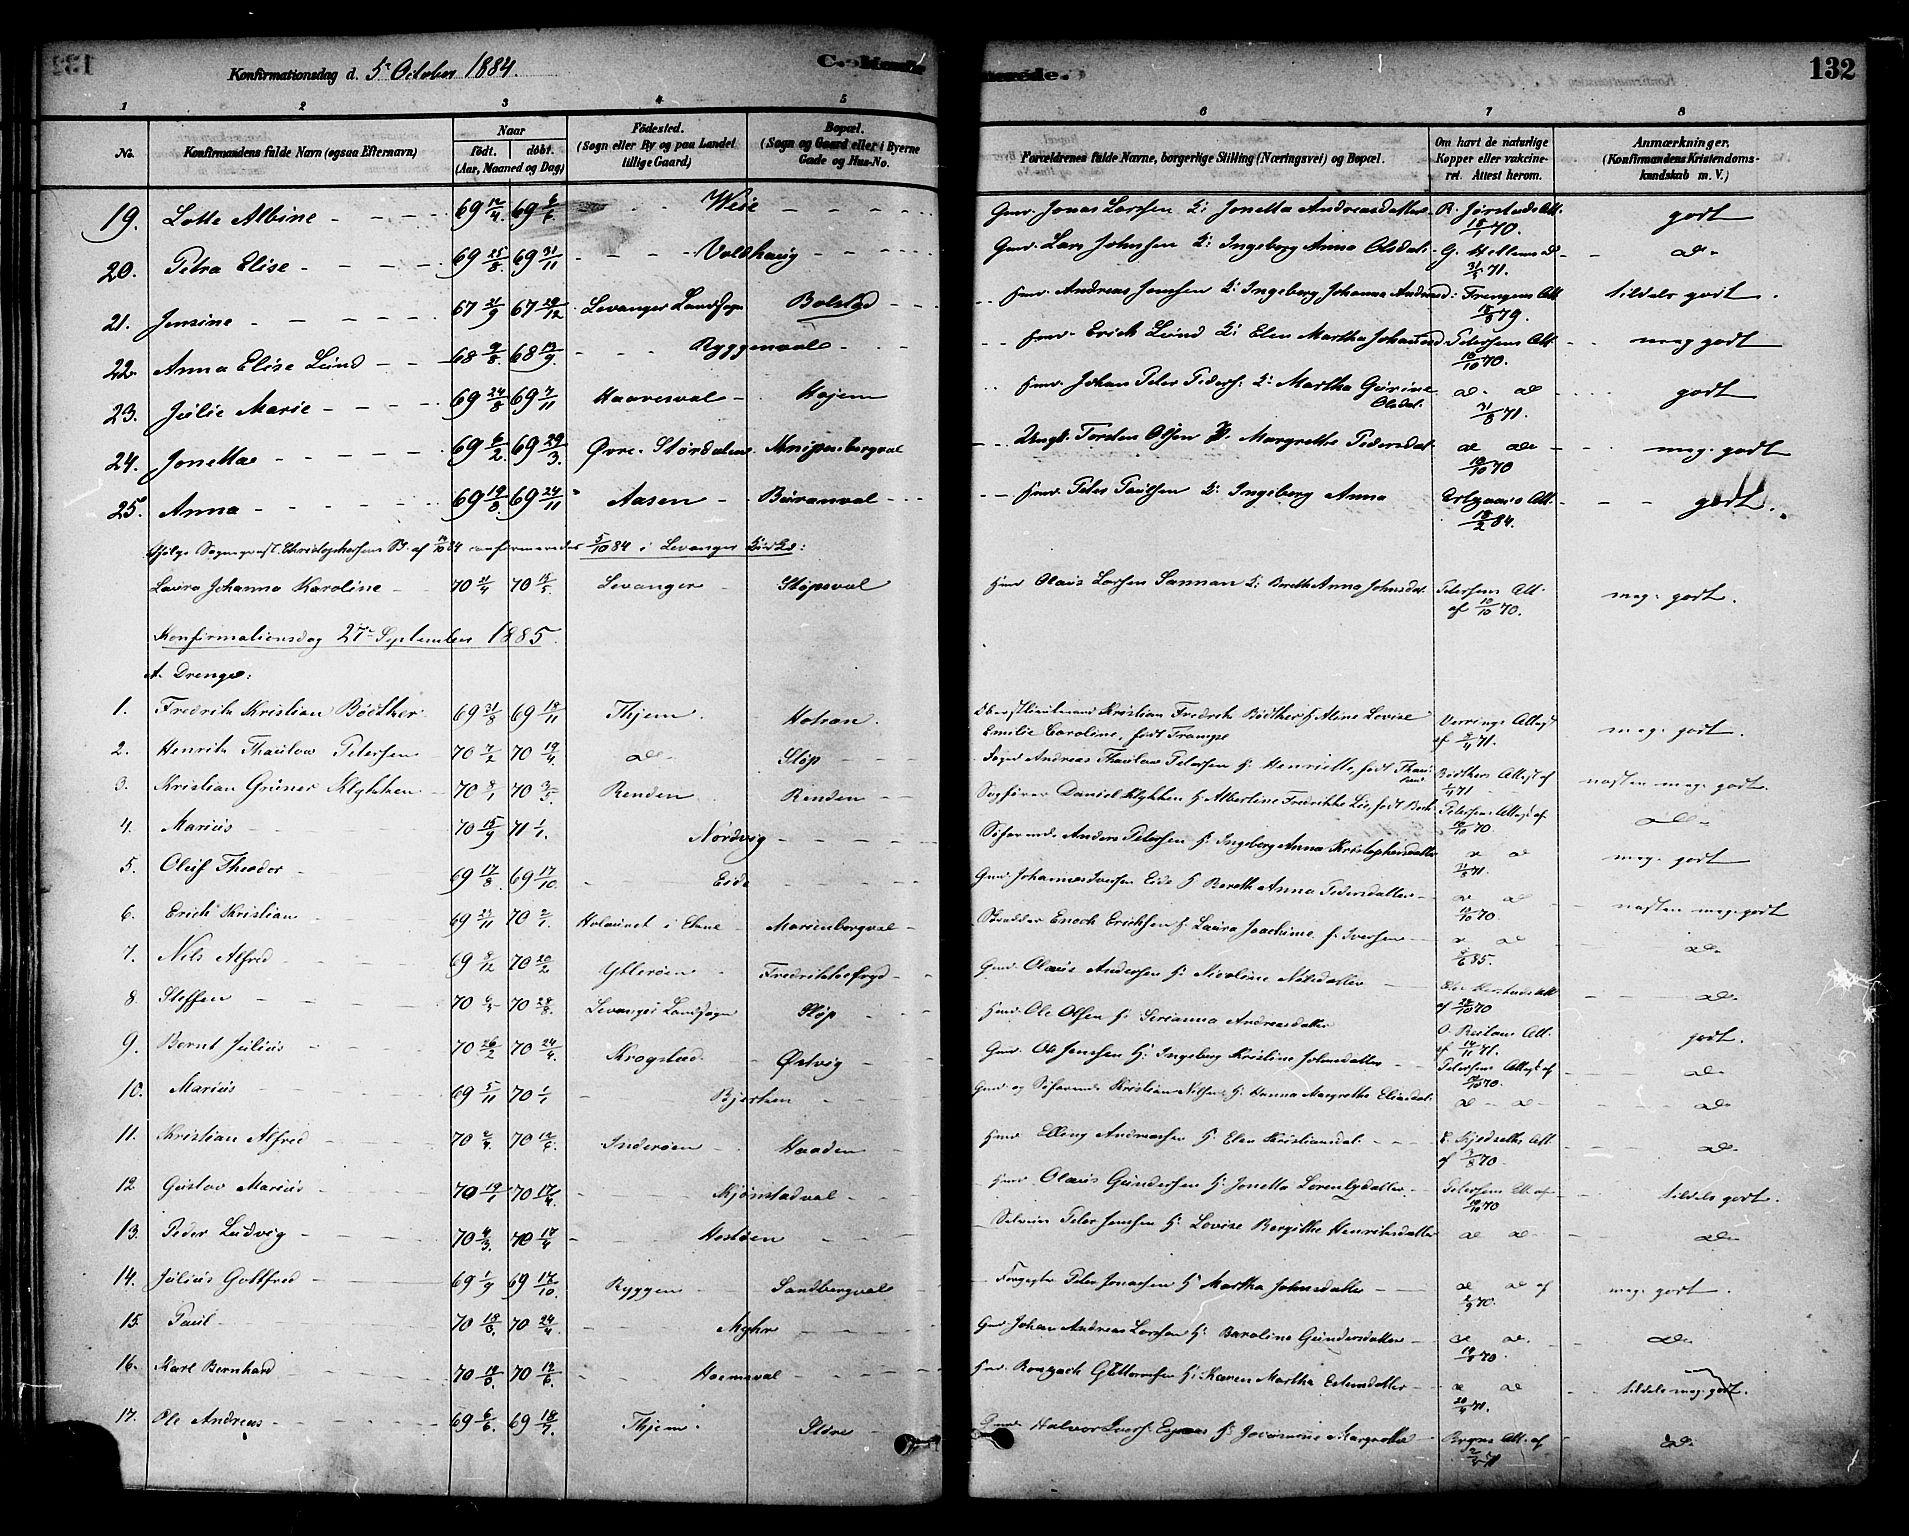 SAT, Ministerialprotokoller, klokkerbøker og fødselsregistre - Nord-Trøndelag, 717/L0159: Ministerialbok nr. 717A09, 1878-1898, s. 132